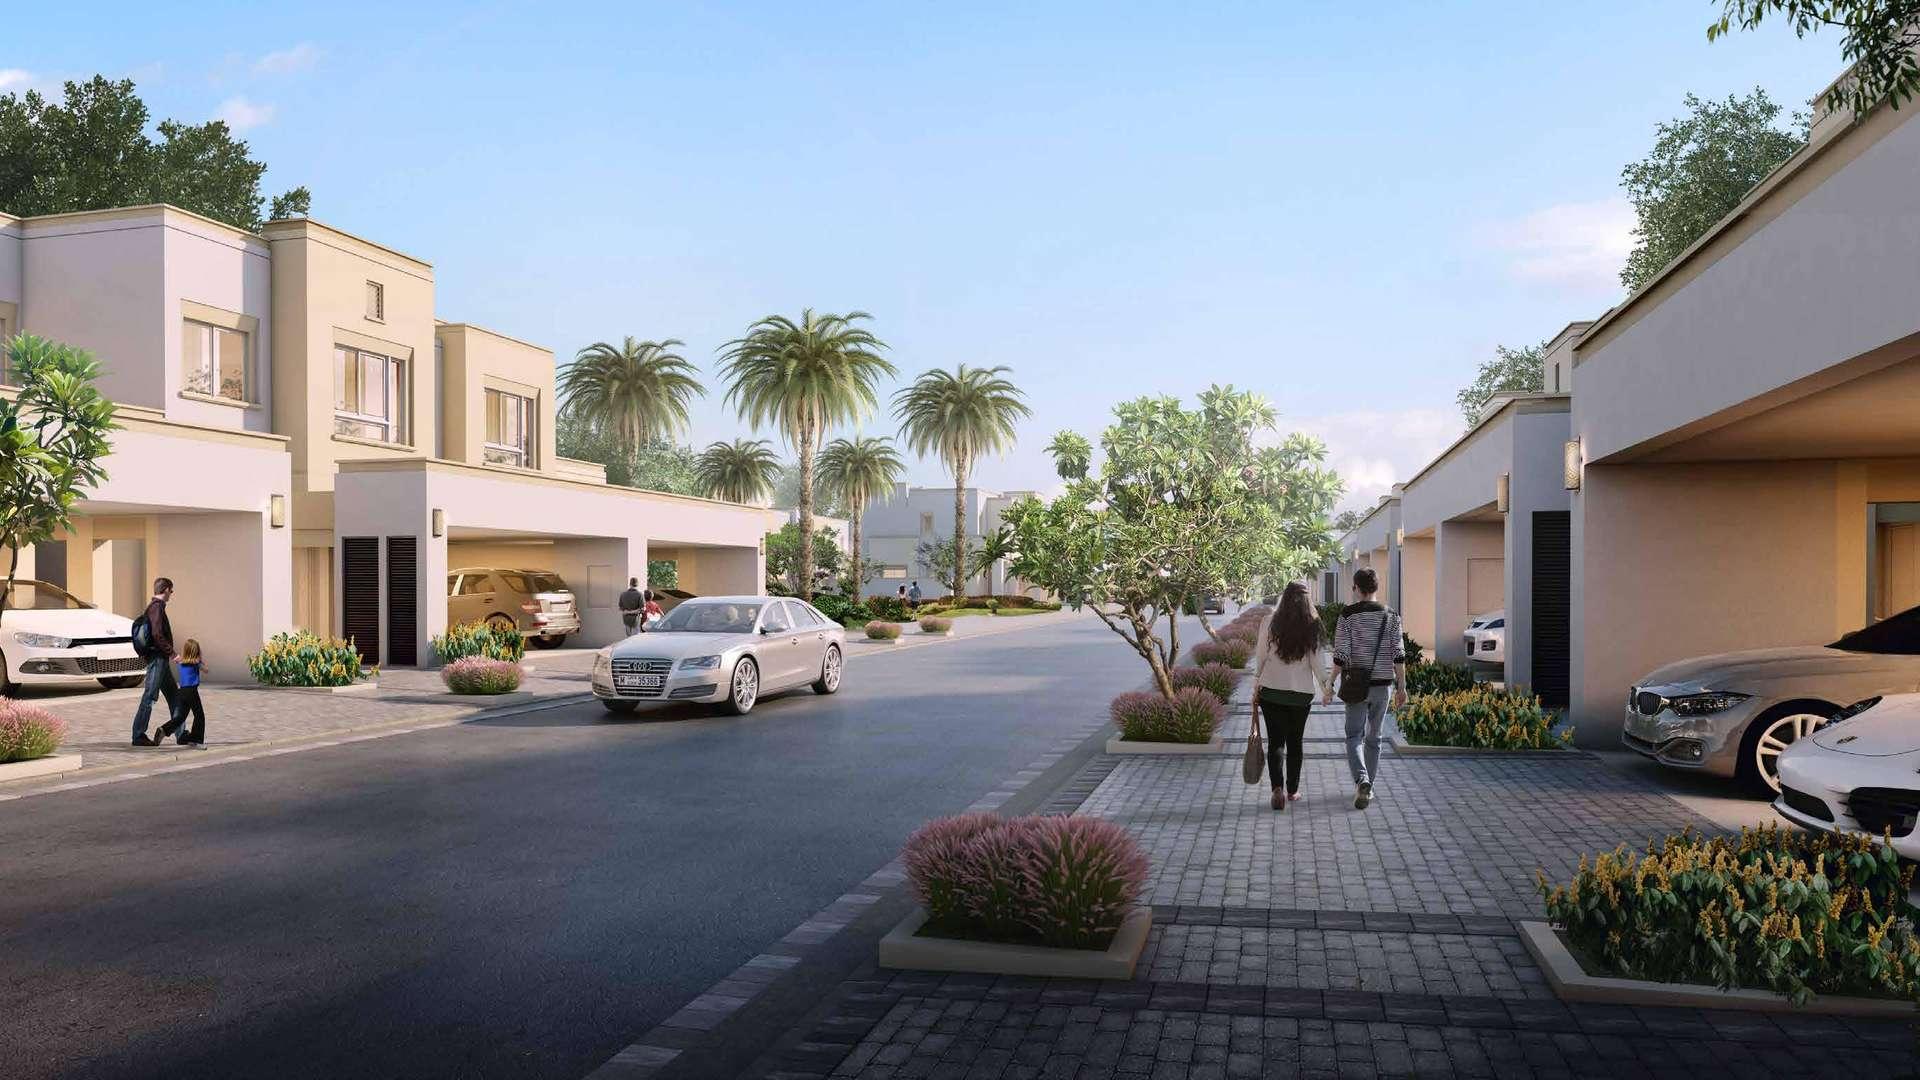 Adosado en venta en Dubai, EAU, 3 dormitorios, 208 m2, № 24021 – foto 3